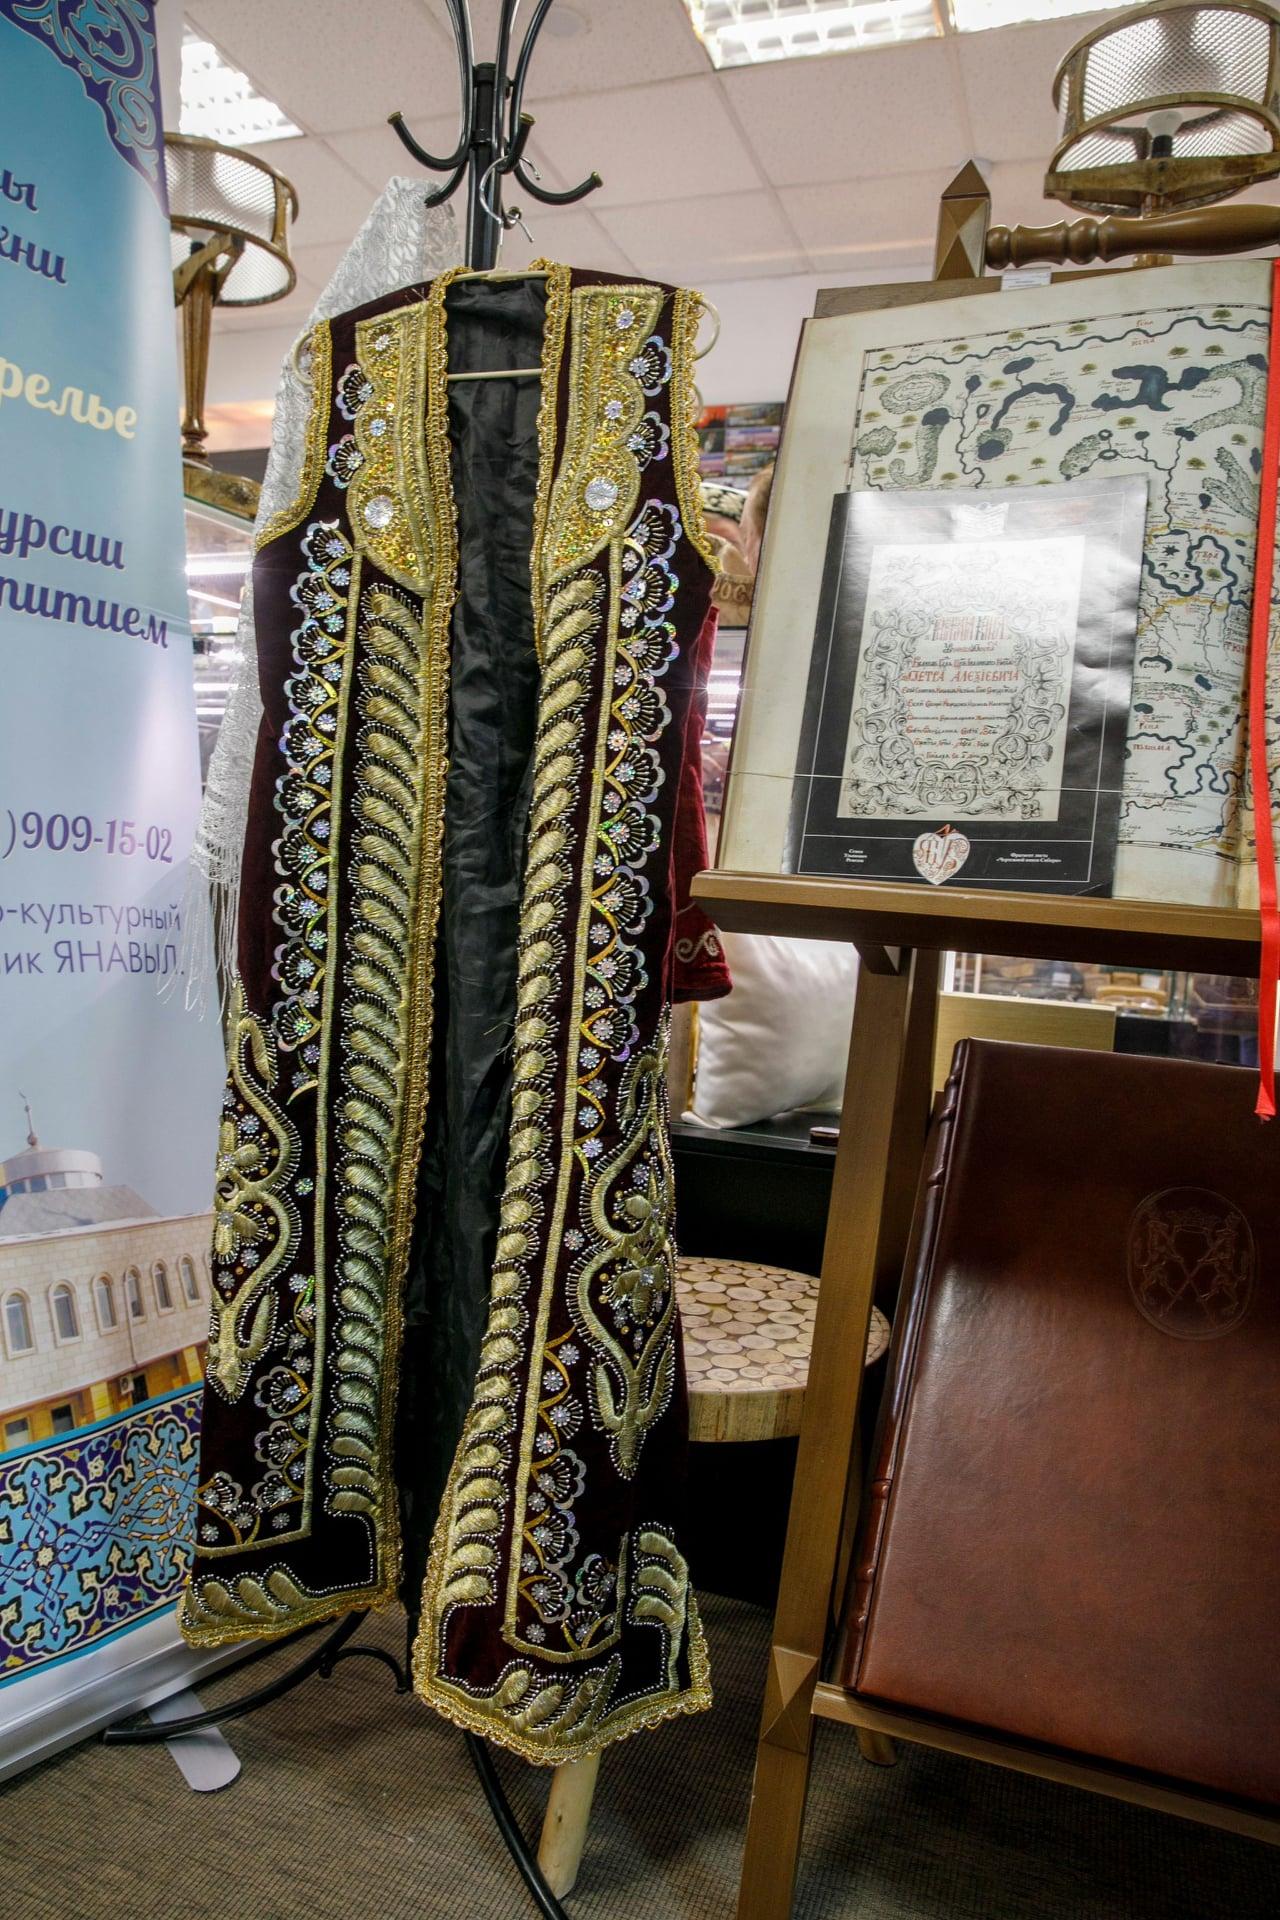 фотозона, национальный татарский костюм, легенды сибири, культура и быт татар, бухарцев, национальная кухня, мастер класс, купить подарок, сувенир, легенды сибири,